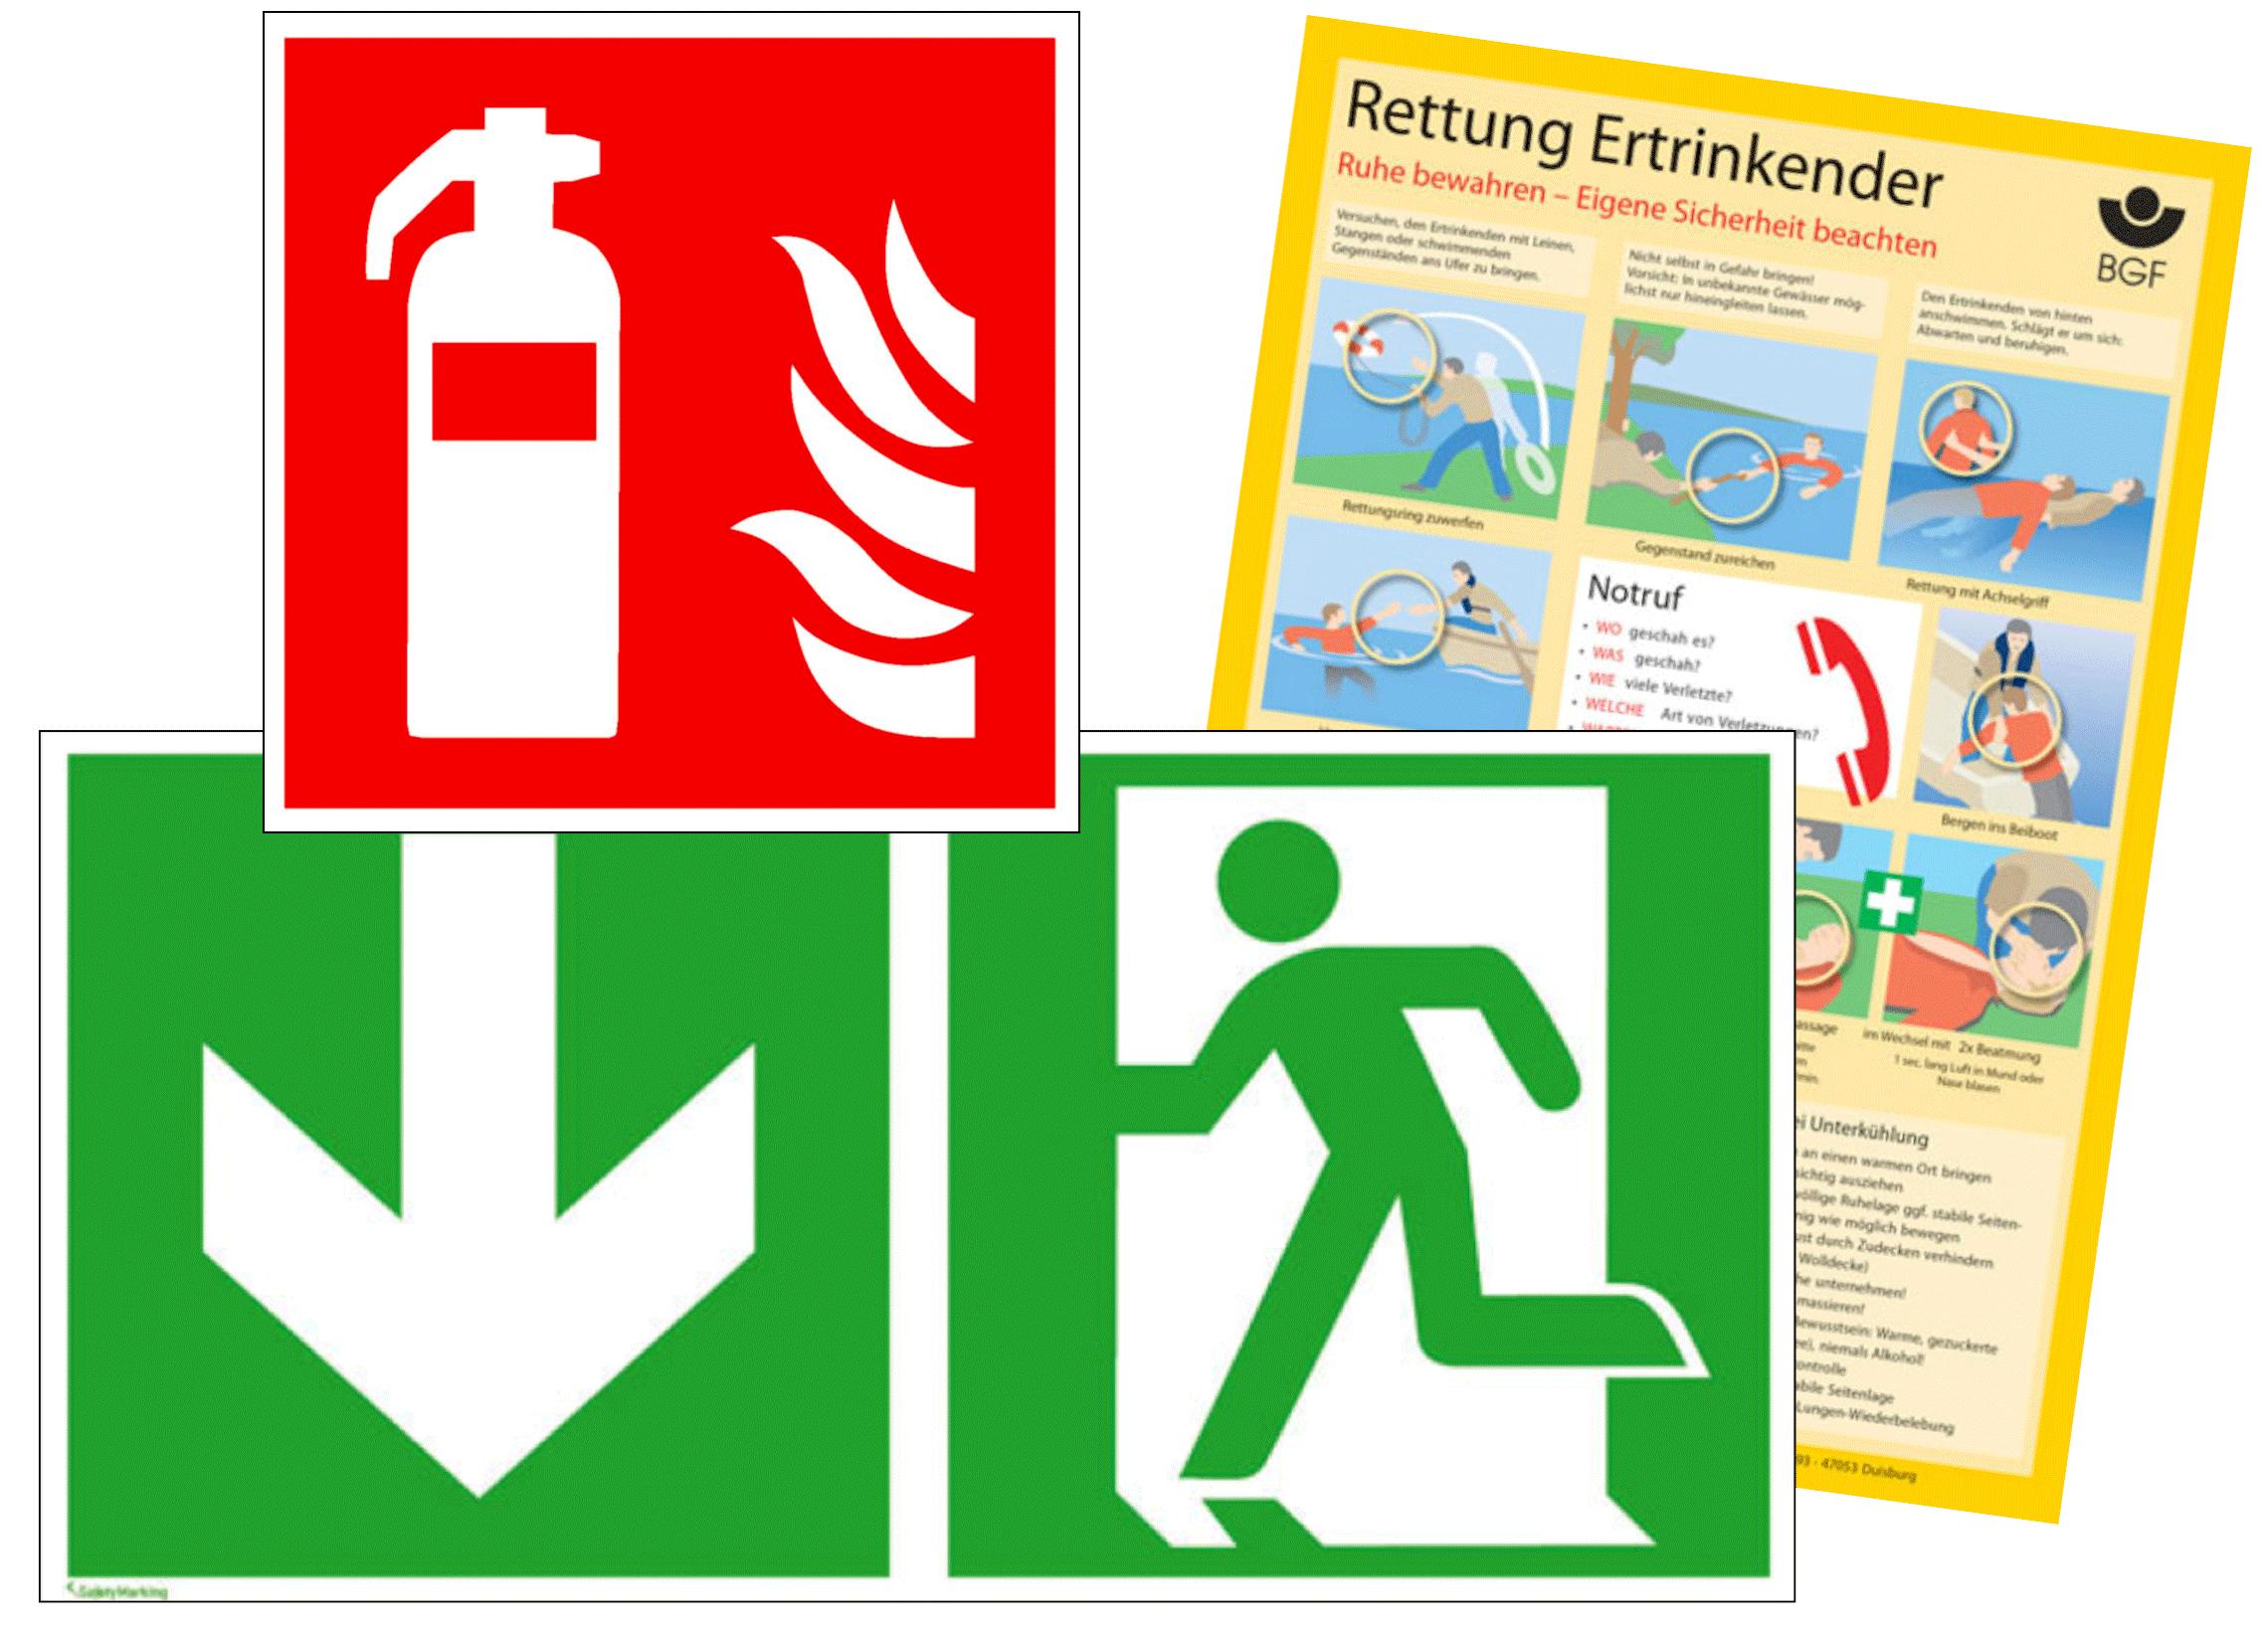 Brandschutz- und Fluchtwegekennzeichnung